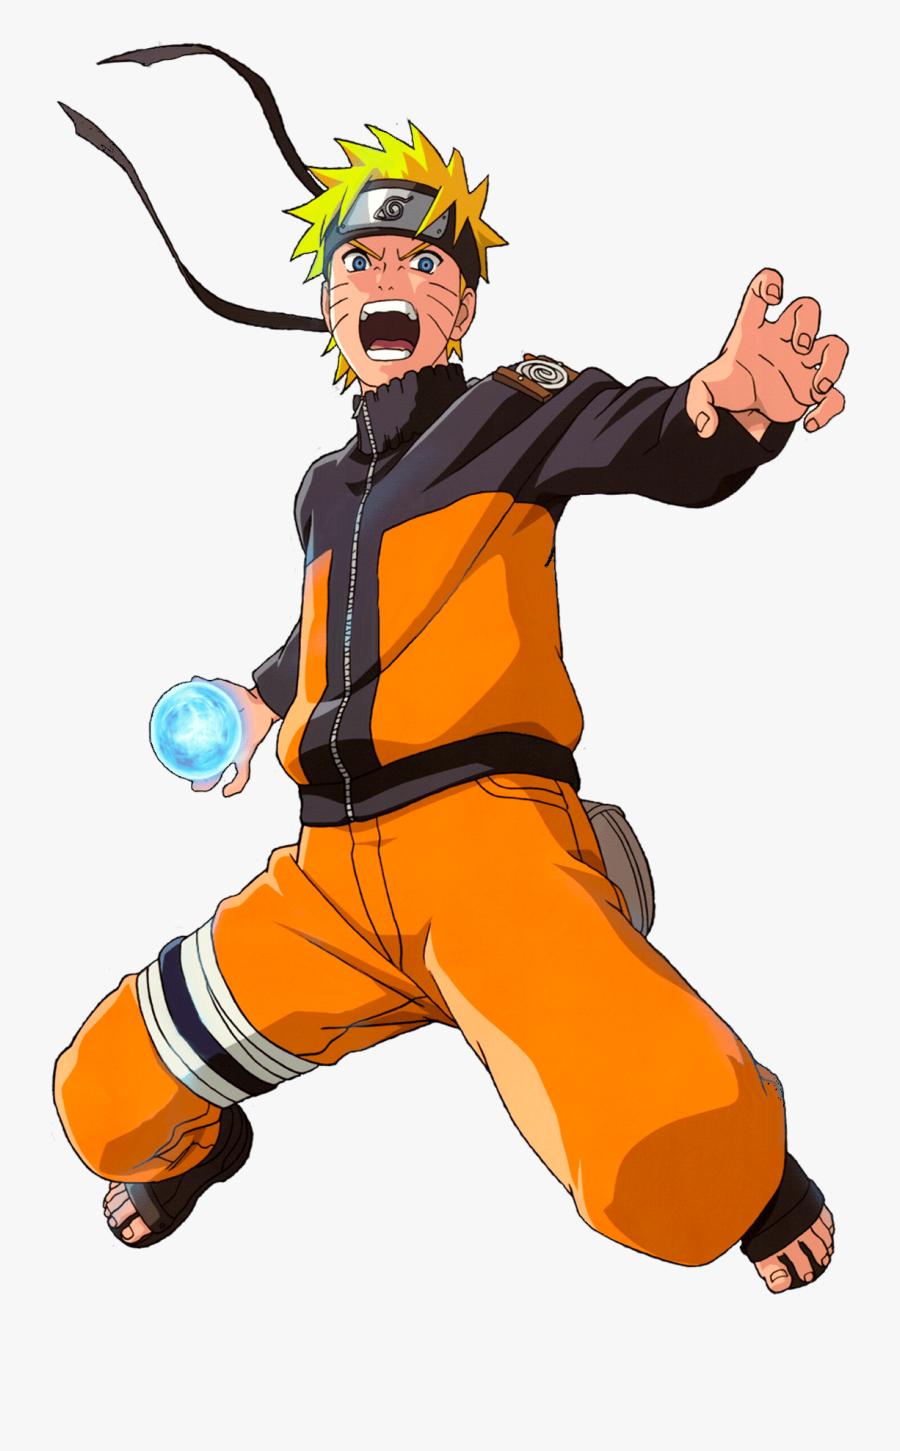 Naruto Shippuden Naruto Clipart , Png Download - Naruto Shippuden Rasengan, Transparent Clipart